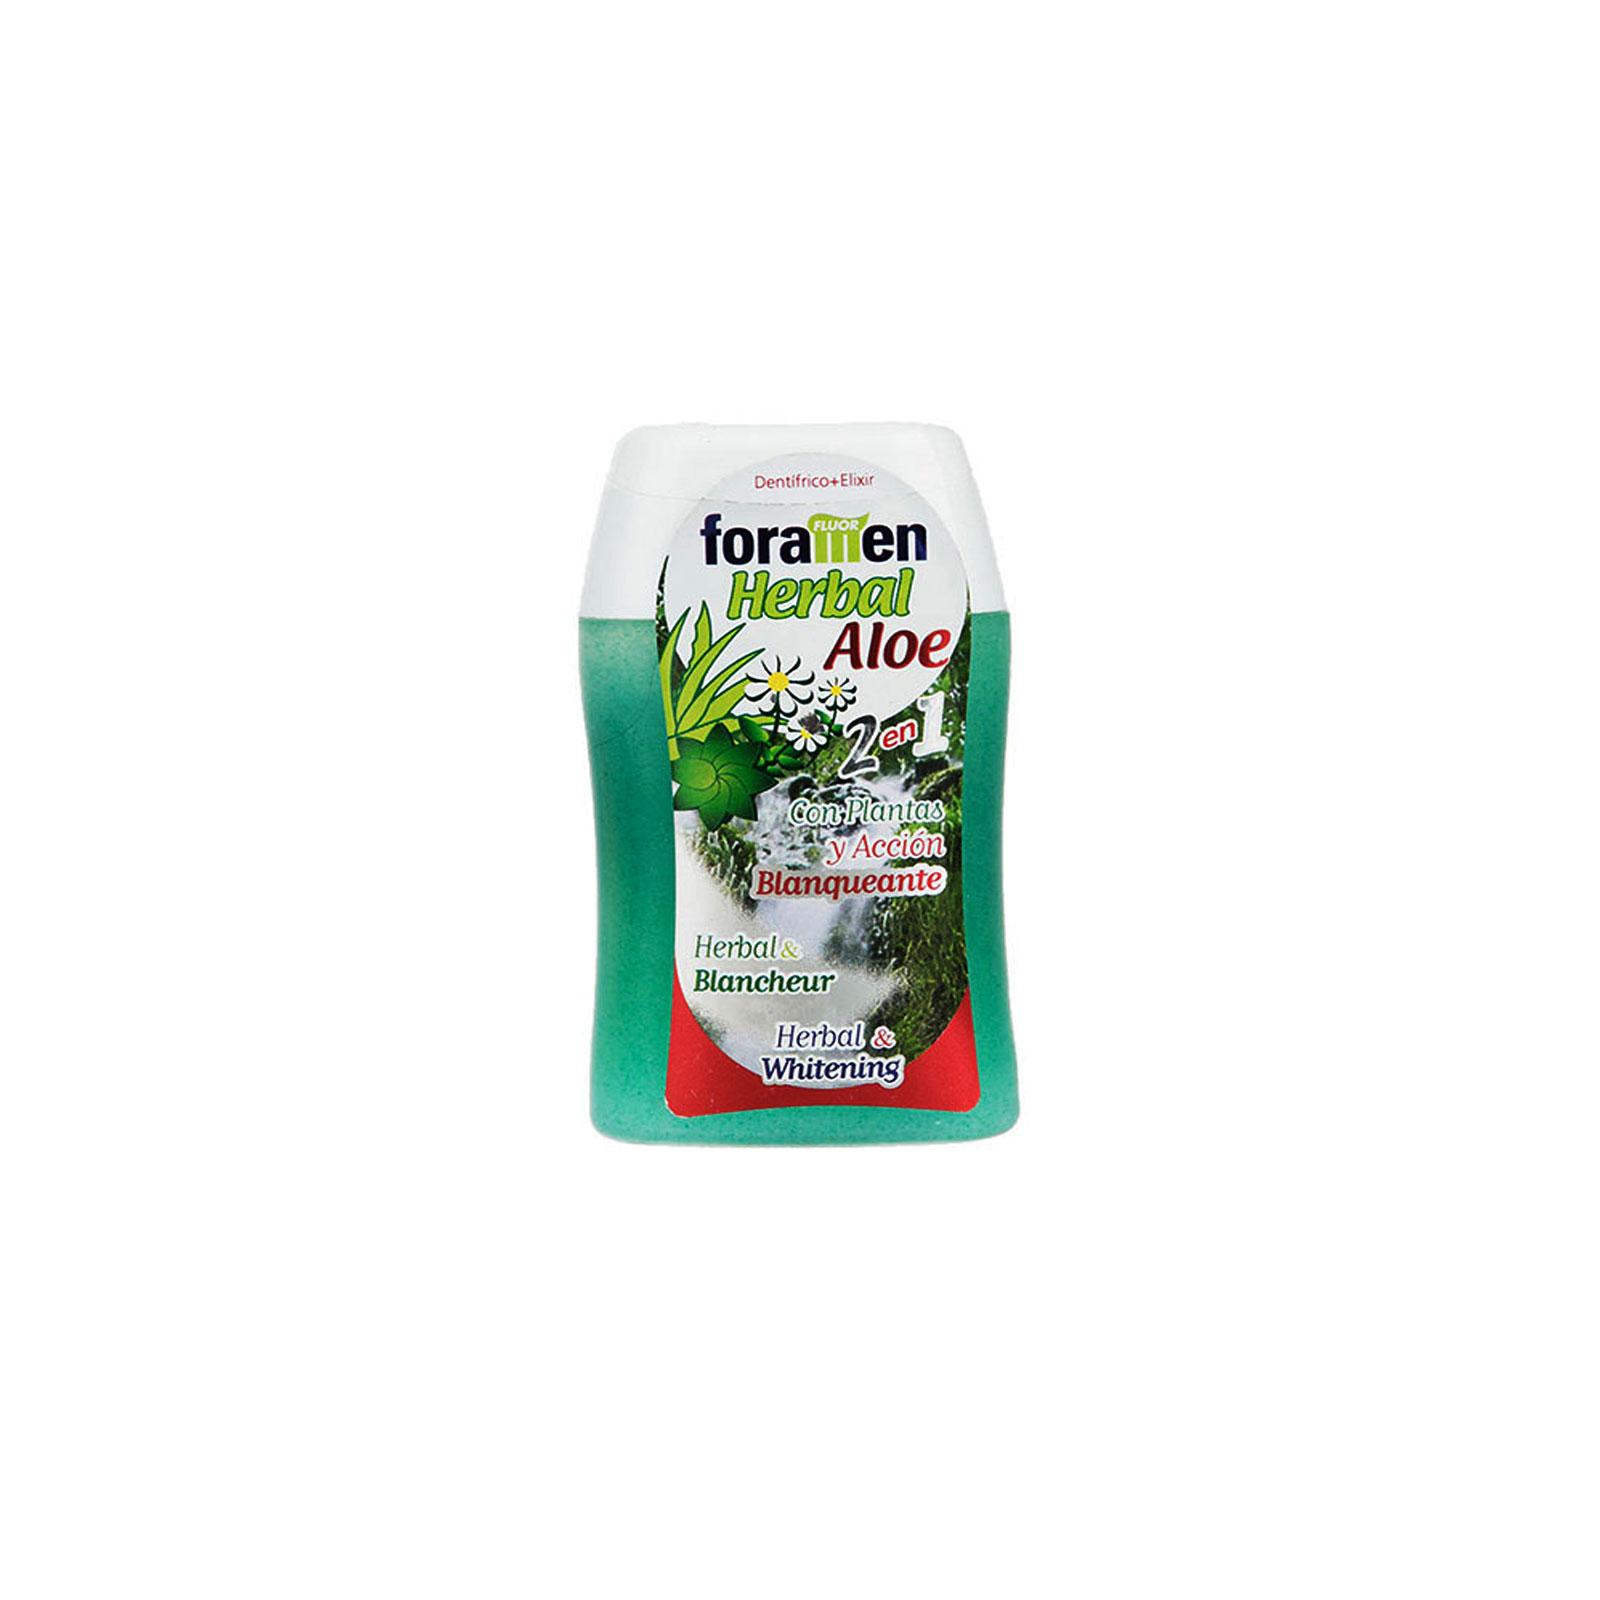 خمیردندان دهانشویه گیاهی ۲ در ۱ آلوئه ورا فورامن